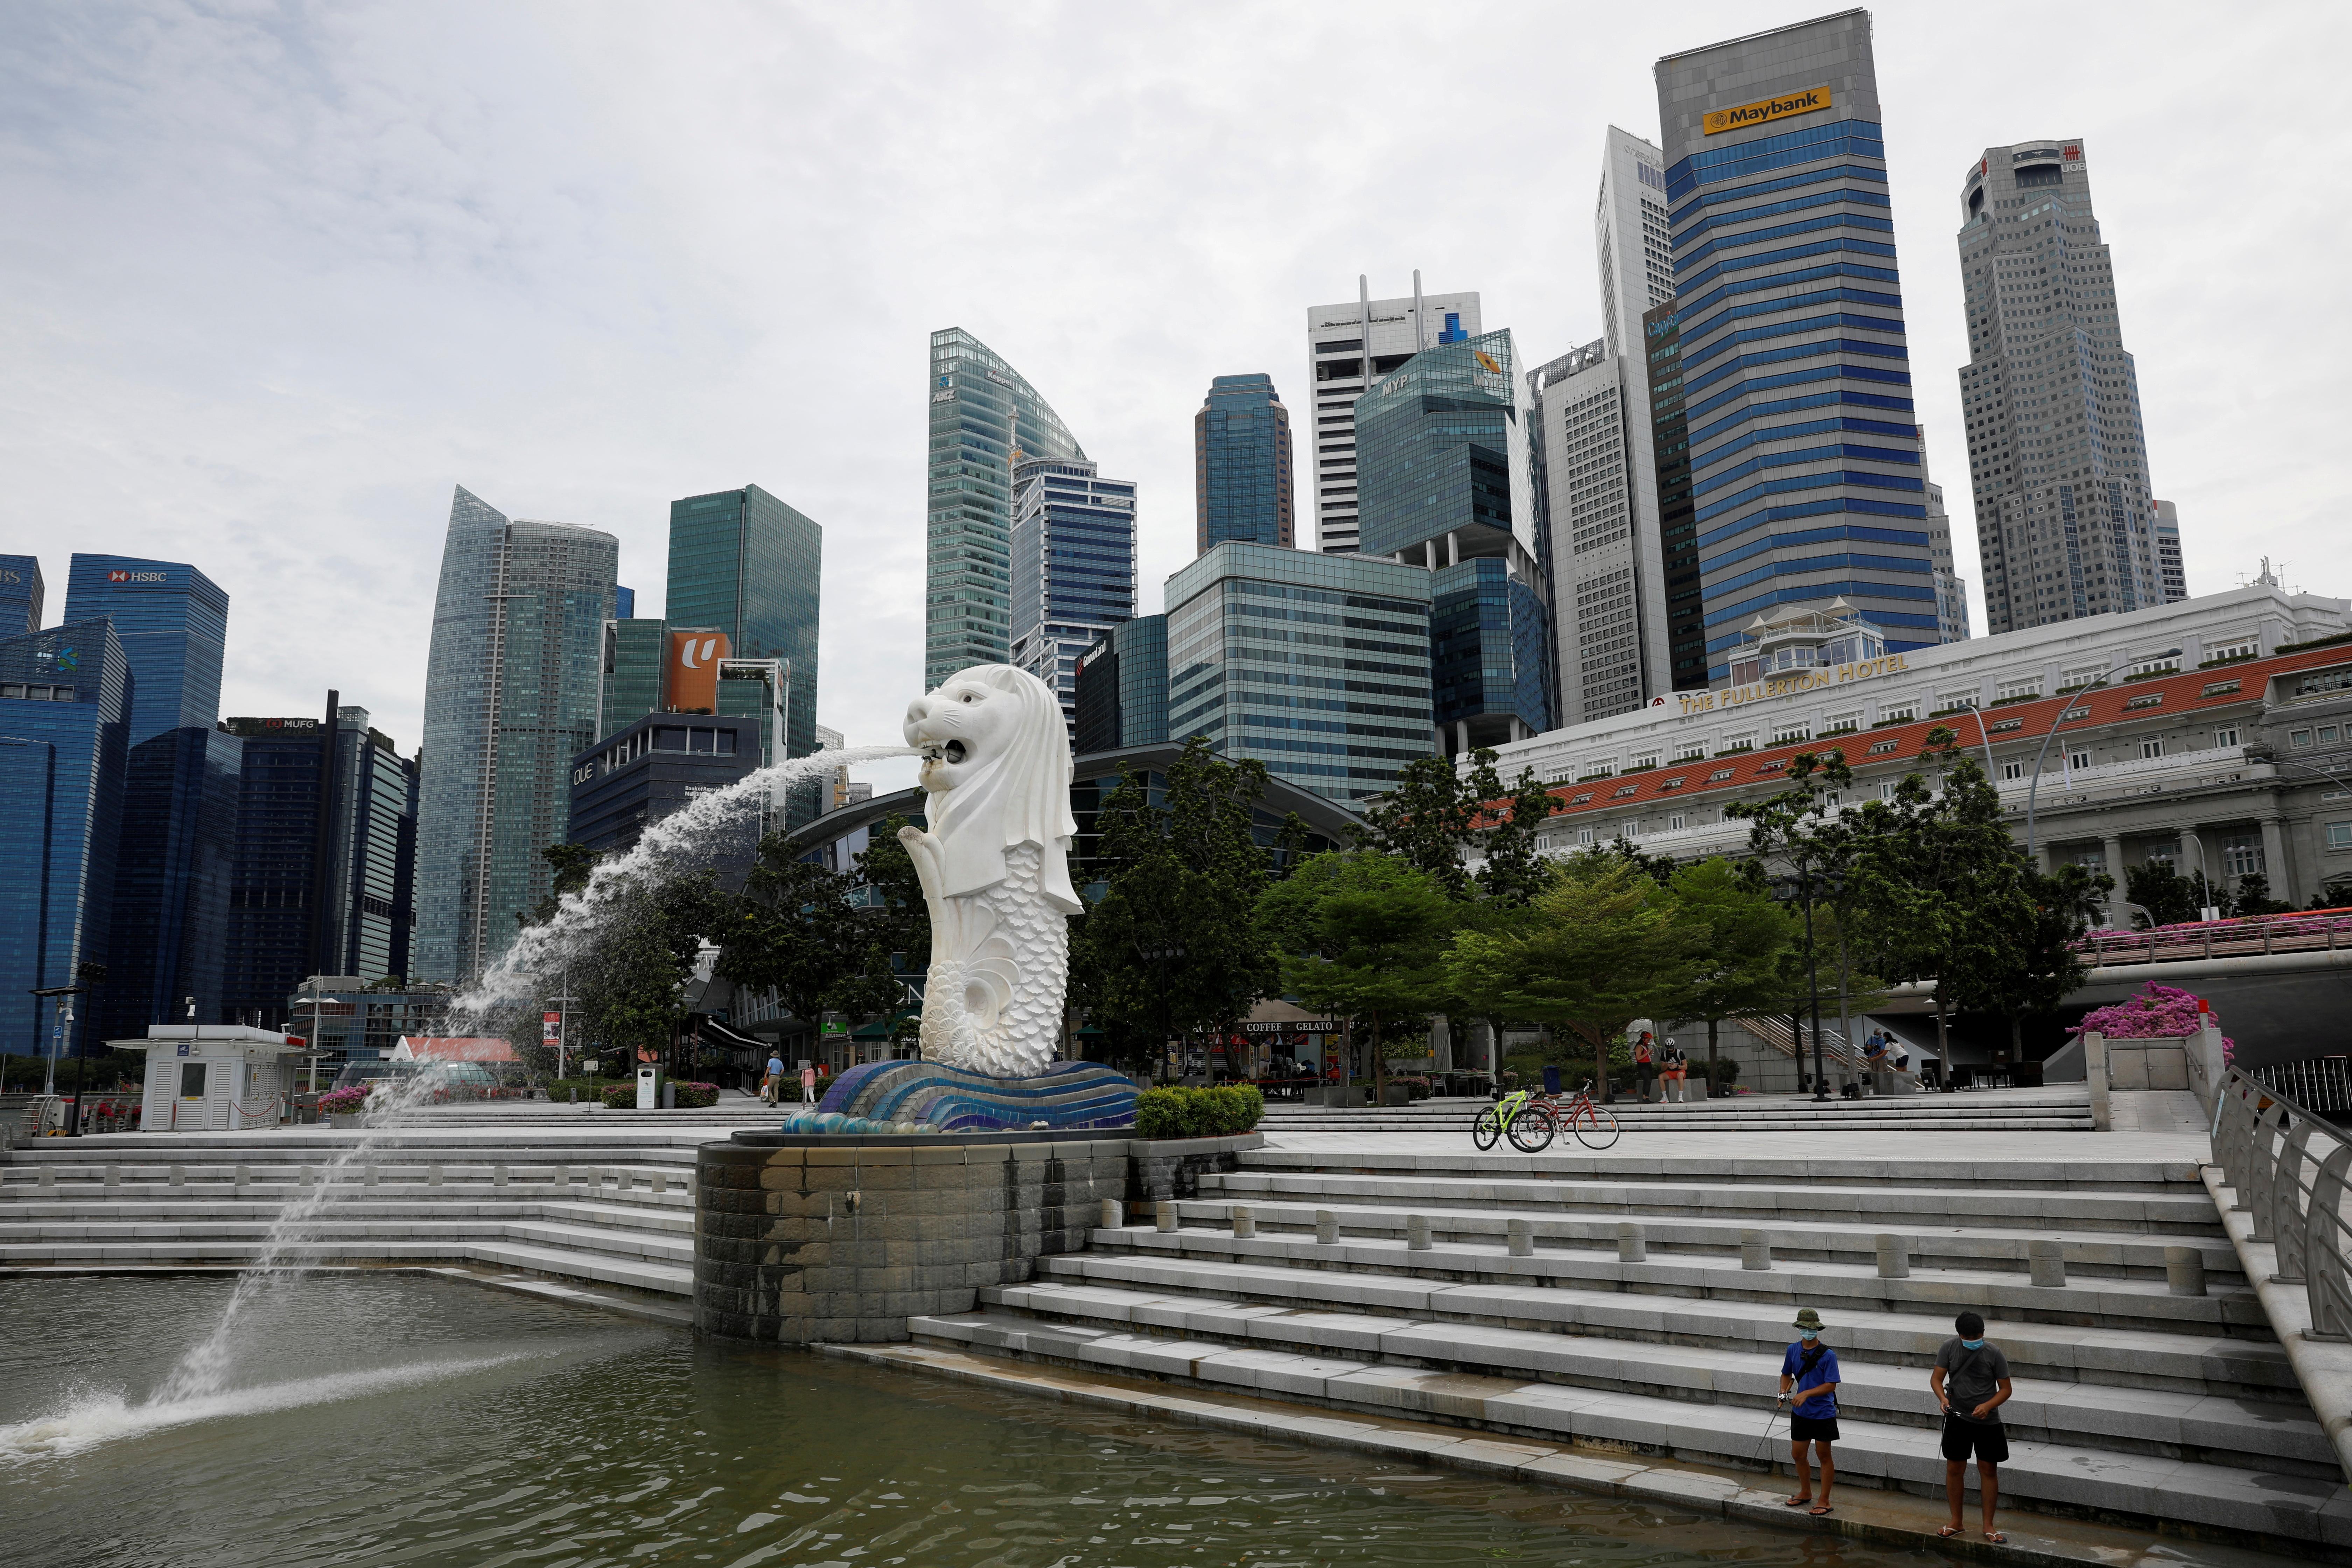 新加坡自8月23日爆发多起本土群聚感染事件,确诊数不断攀升,已累计7万3131人受感染。-路透社-